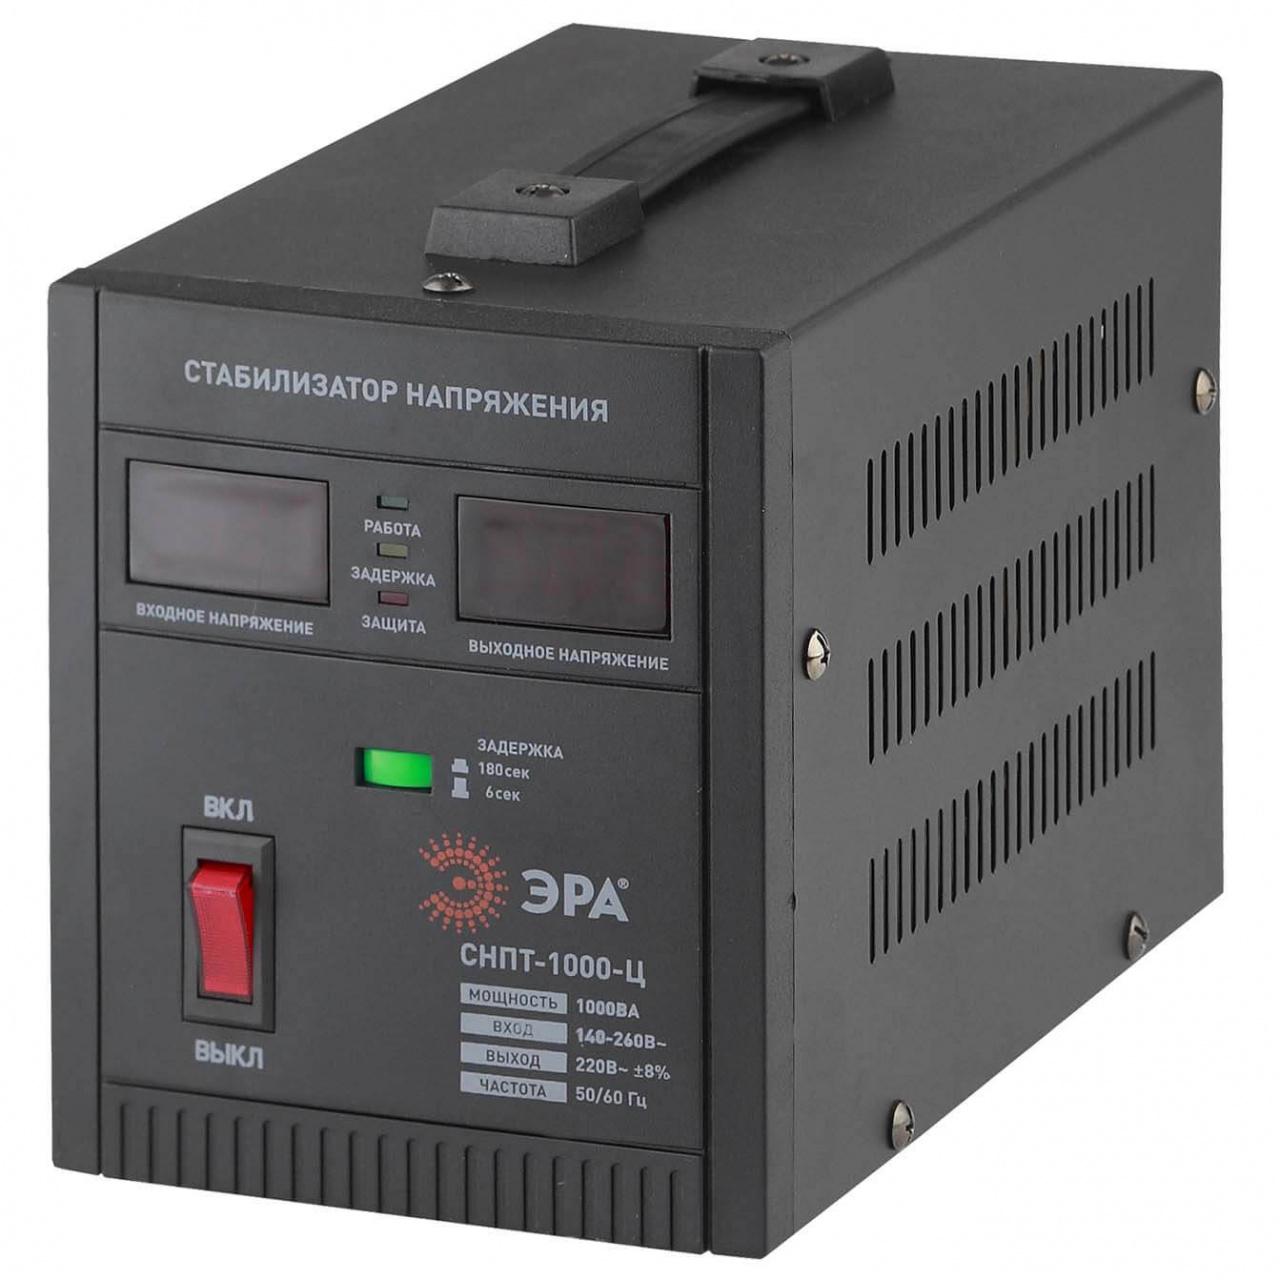 Стабилизатор напряжения ЭРА СНПТ-1000-Ц стабилизатор напряжения эра sta 3000